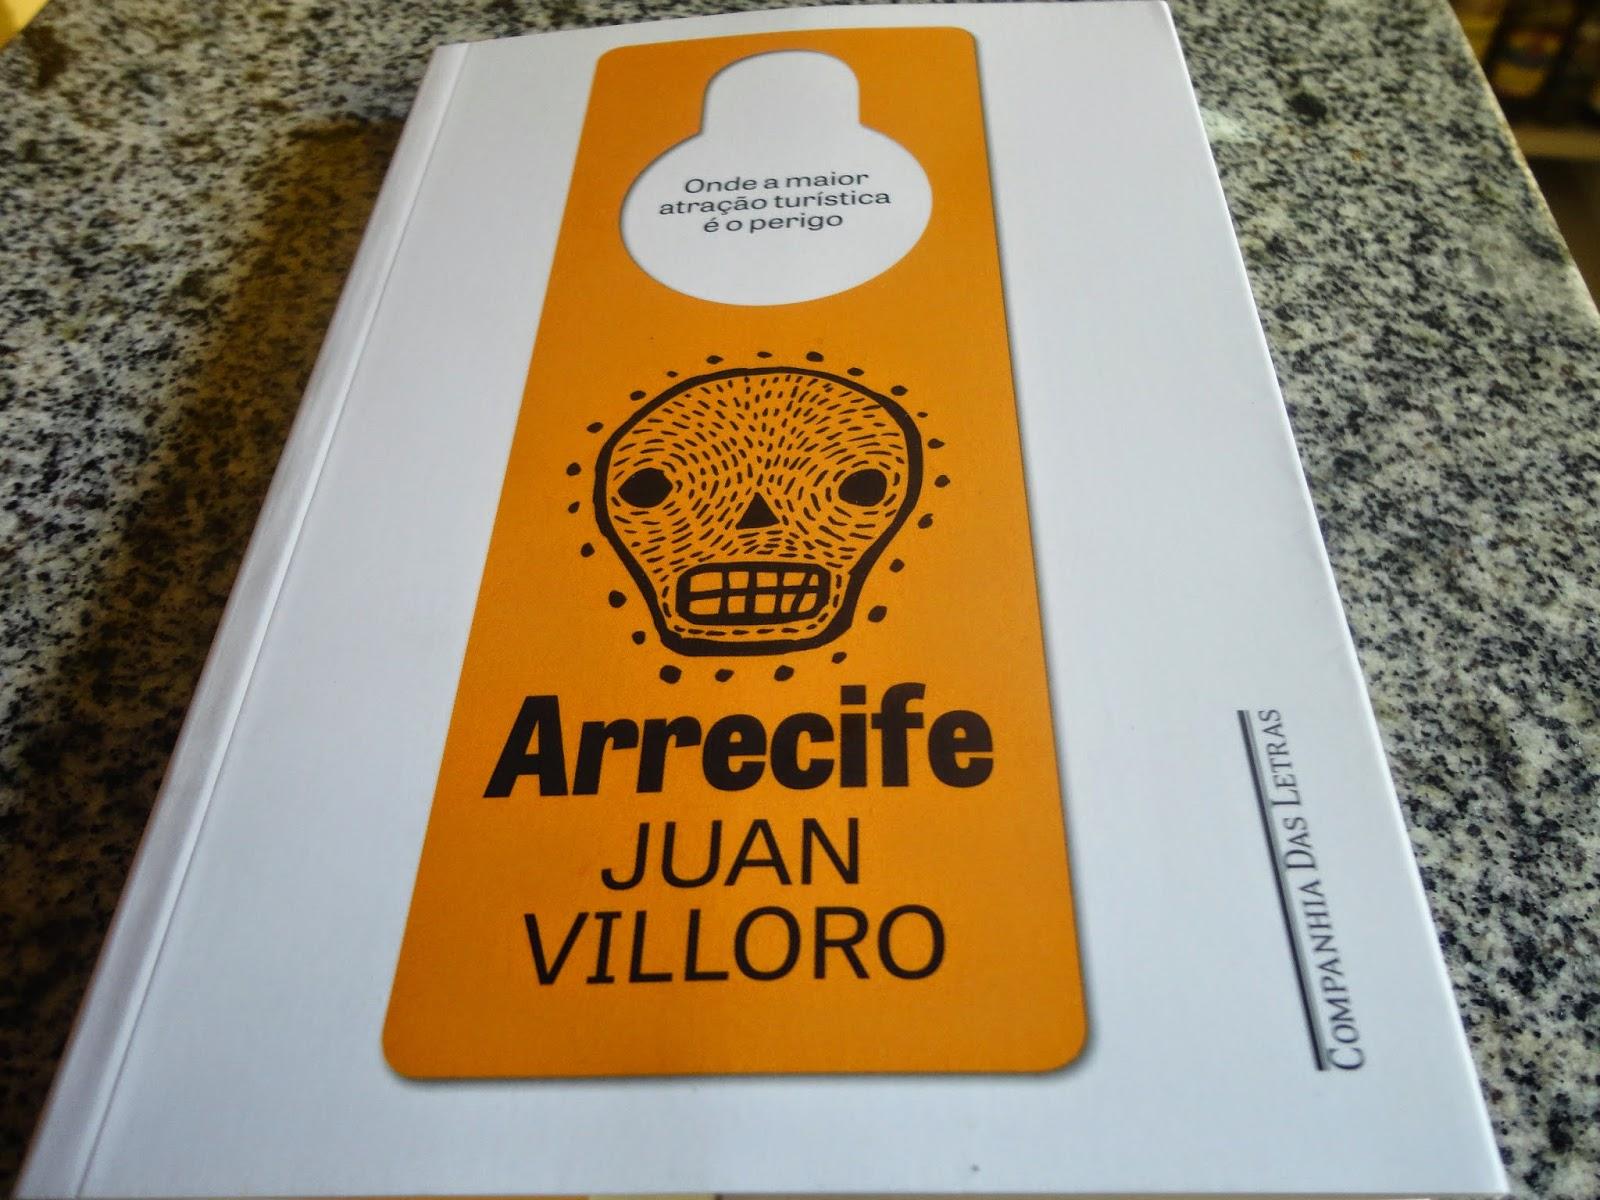 Arrecife juan villoro pdf